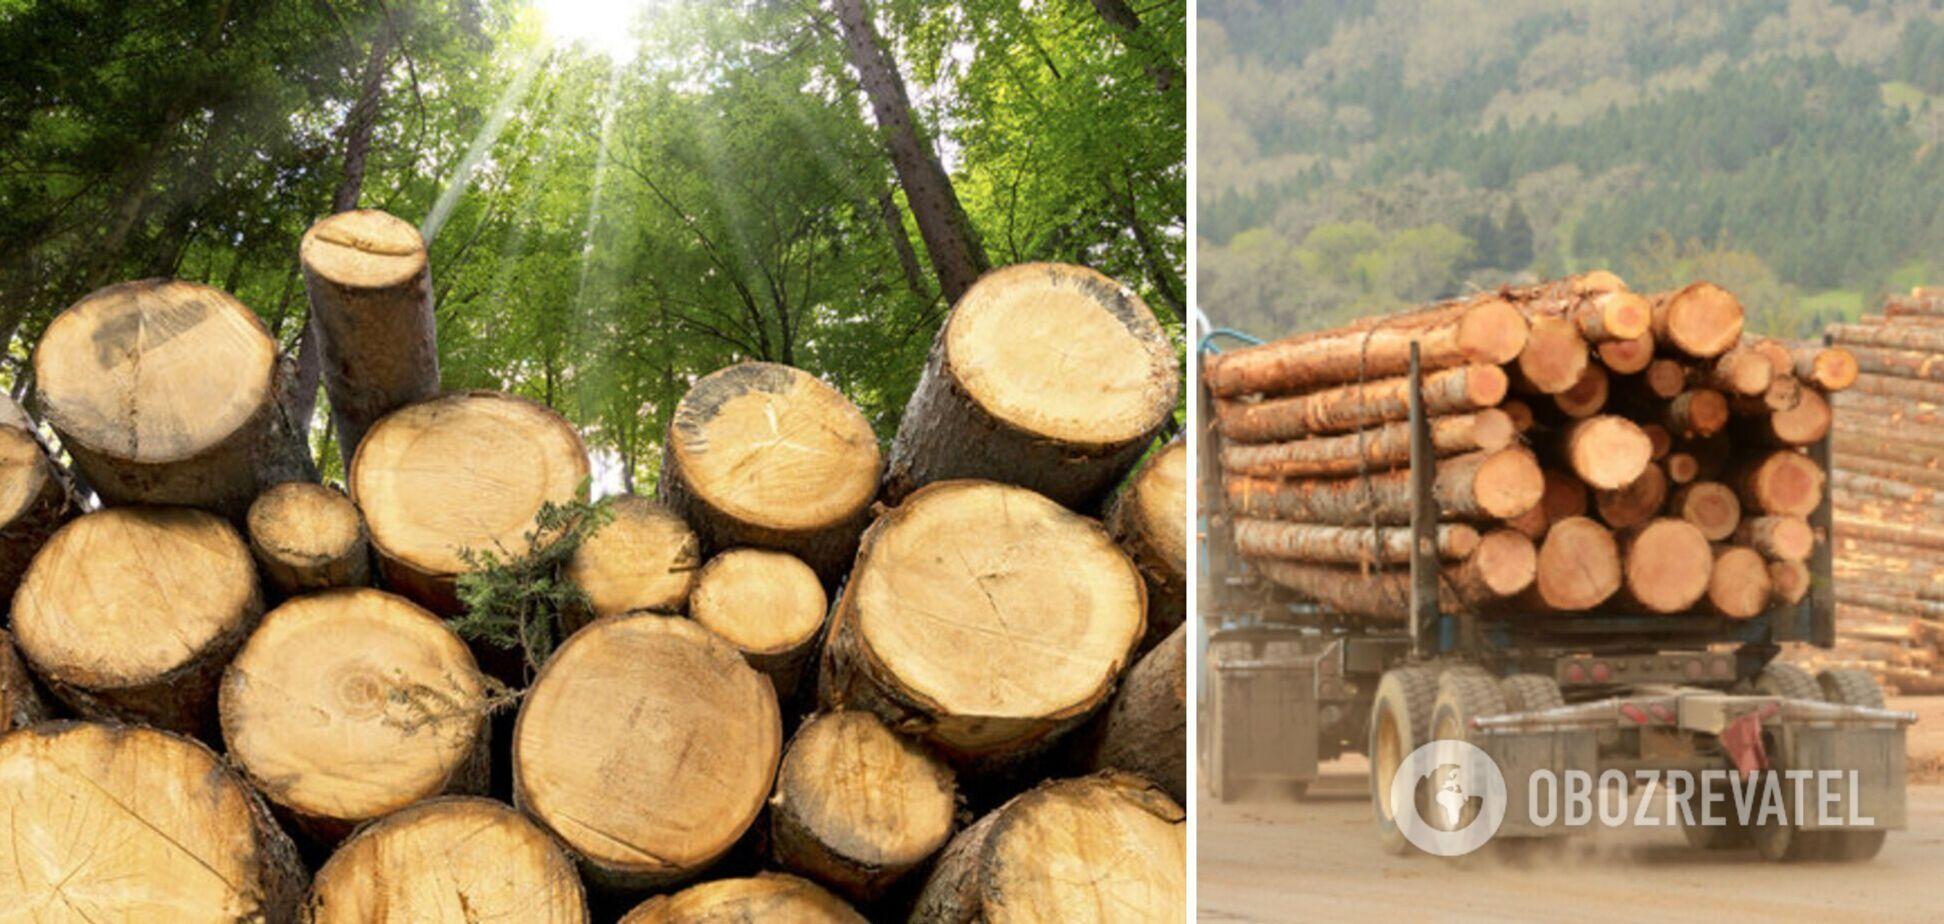 Украина – не сырьевая колония: почему мораторий на экспорт леса касается каждого гражданина